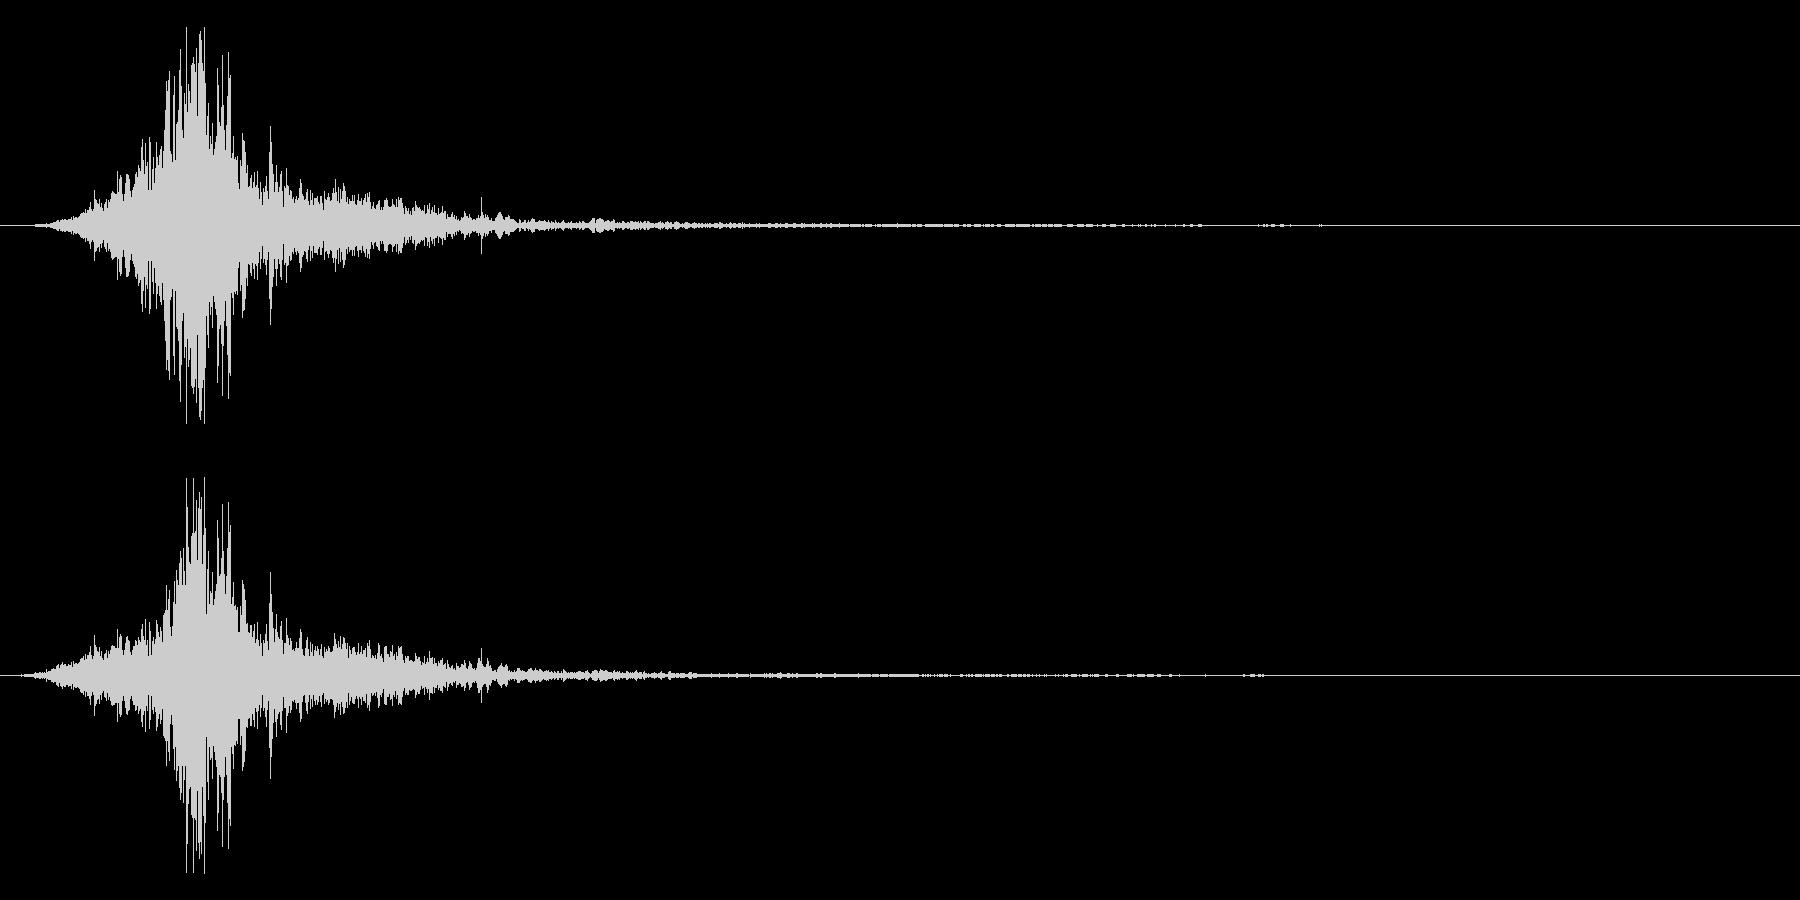 マントをバサッとする音2 ステレオ感の未再生の波形